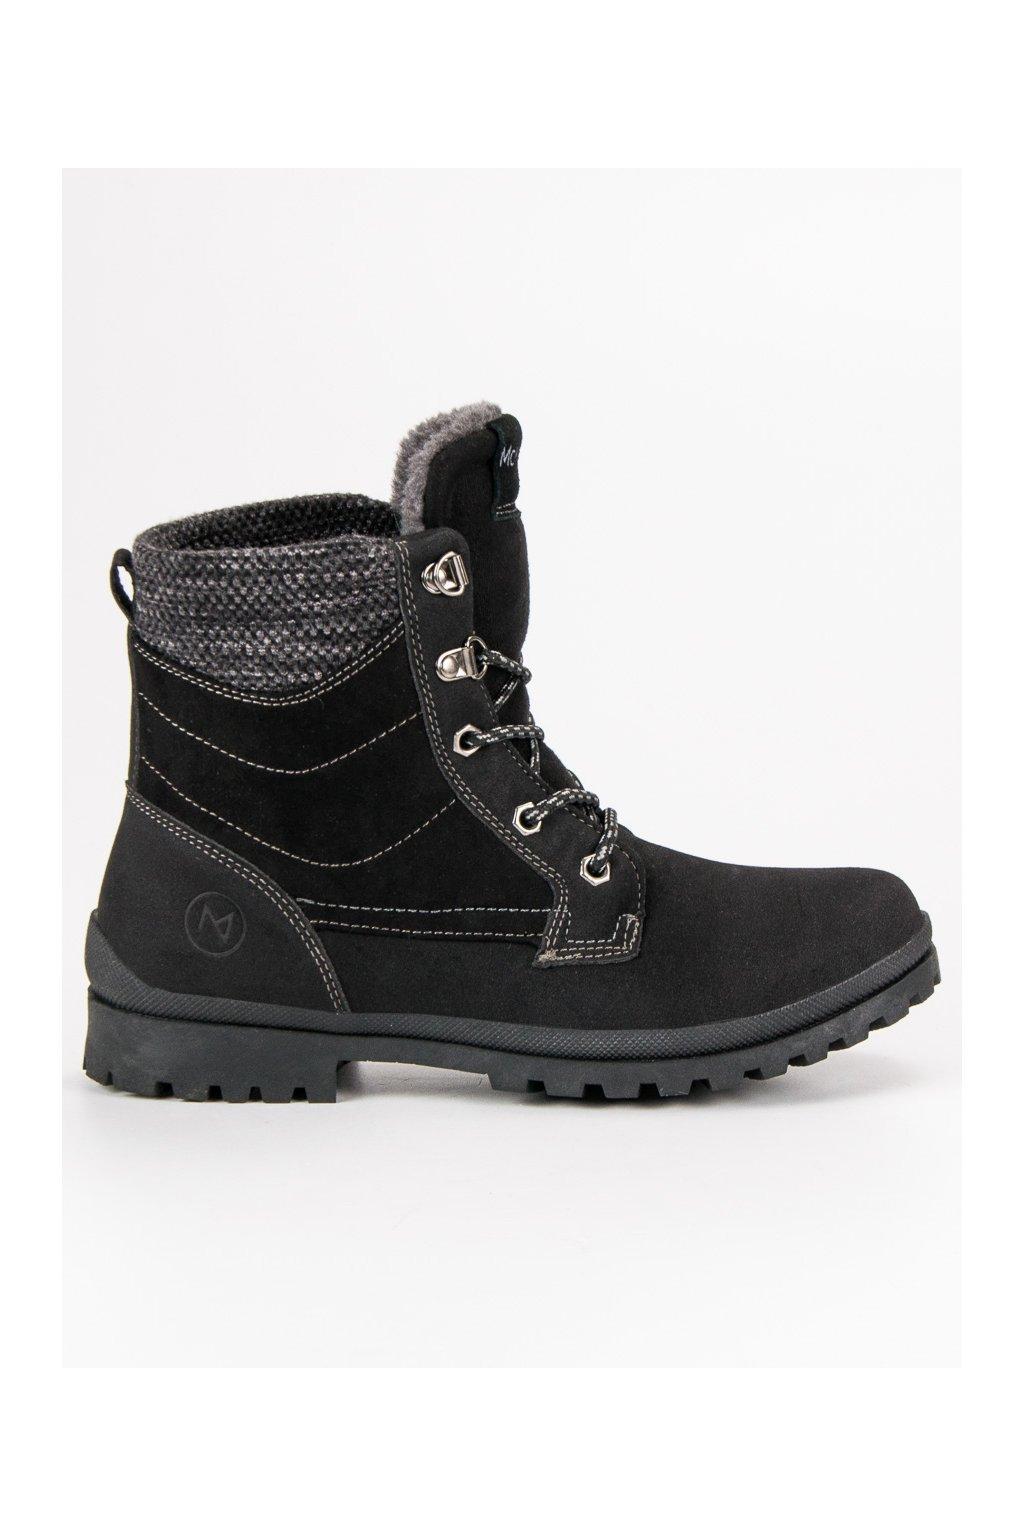 Čierne trapery dámske členkové topánky na zimu MCKEYLOR